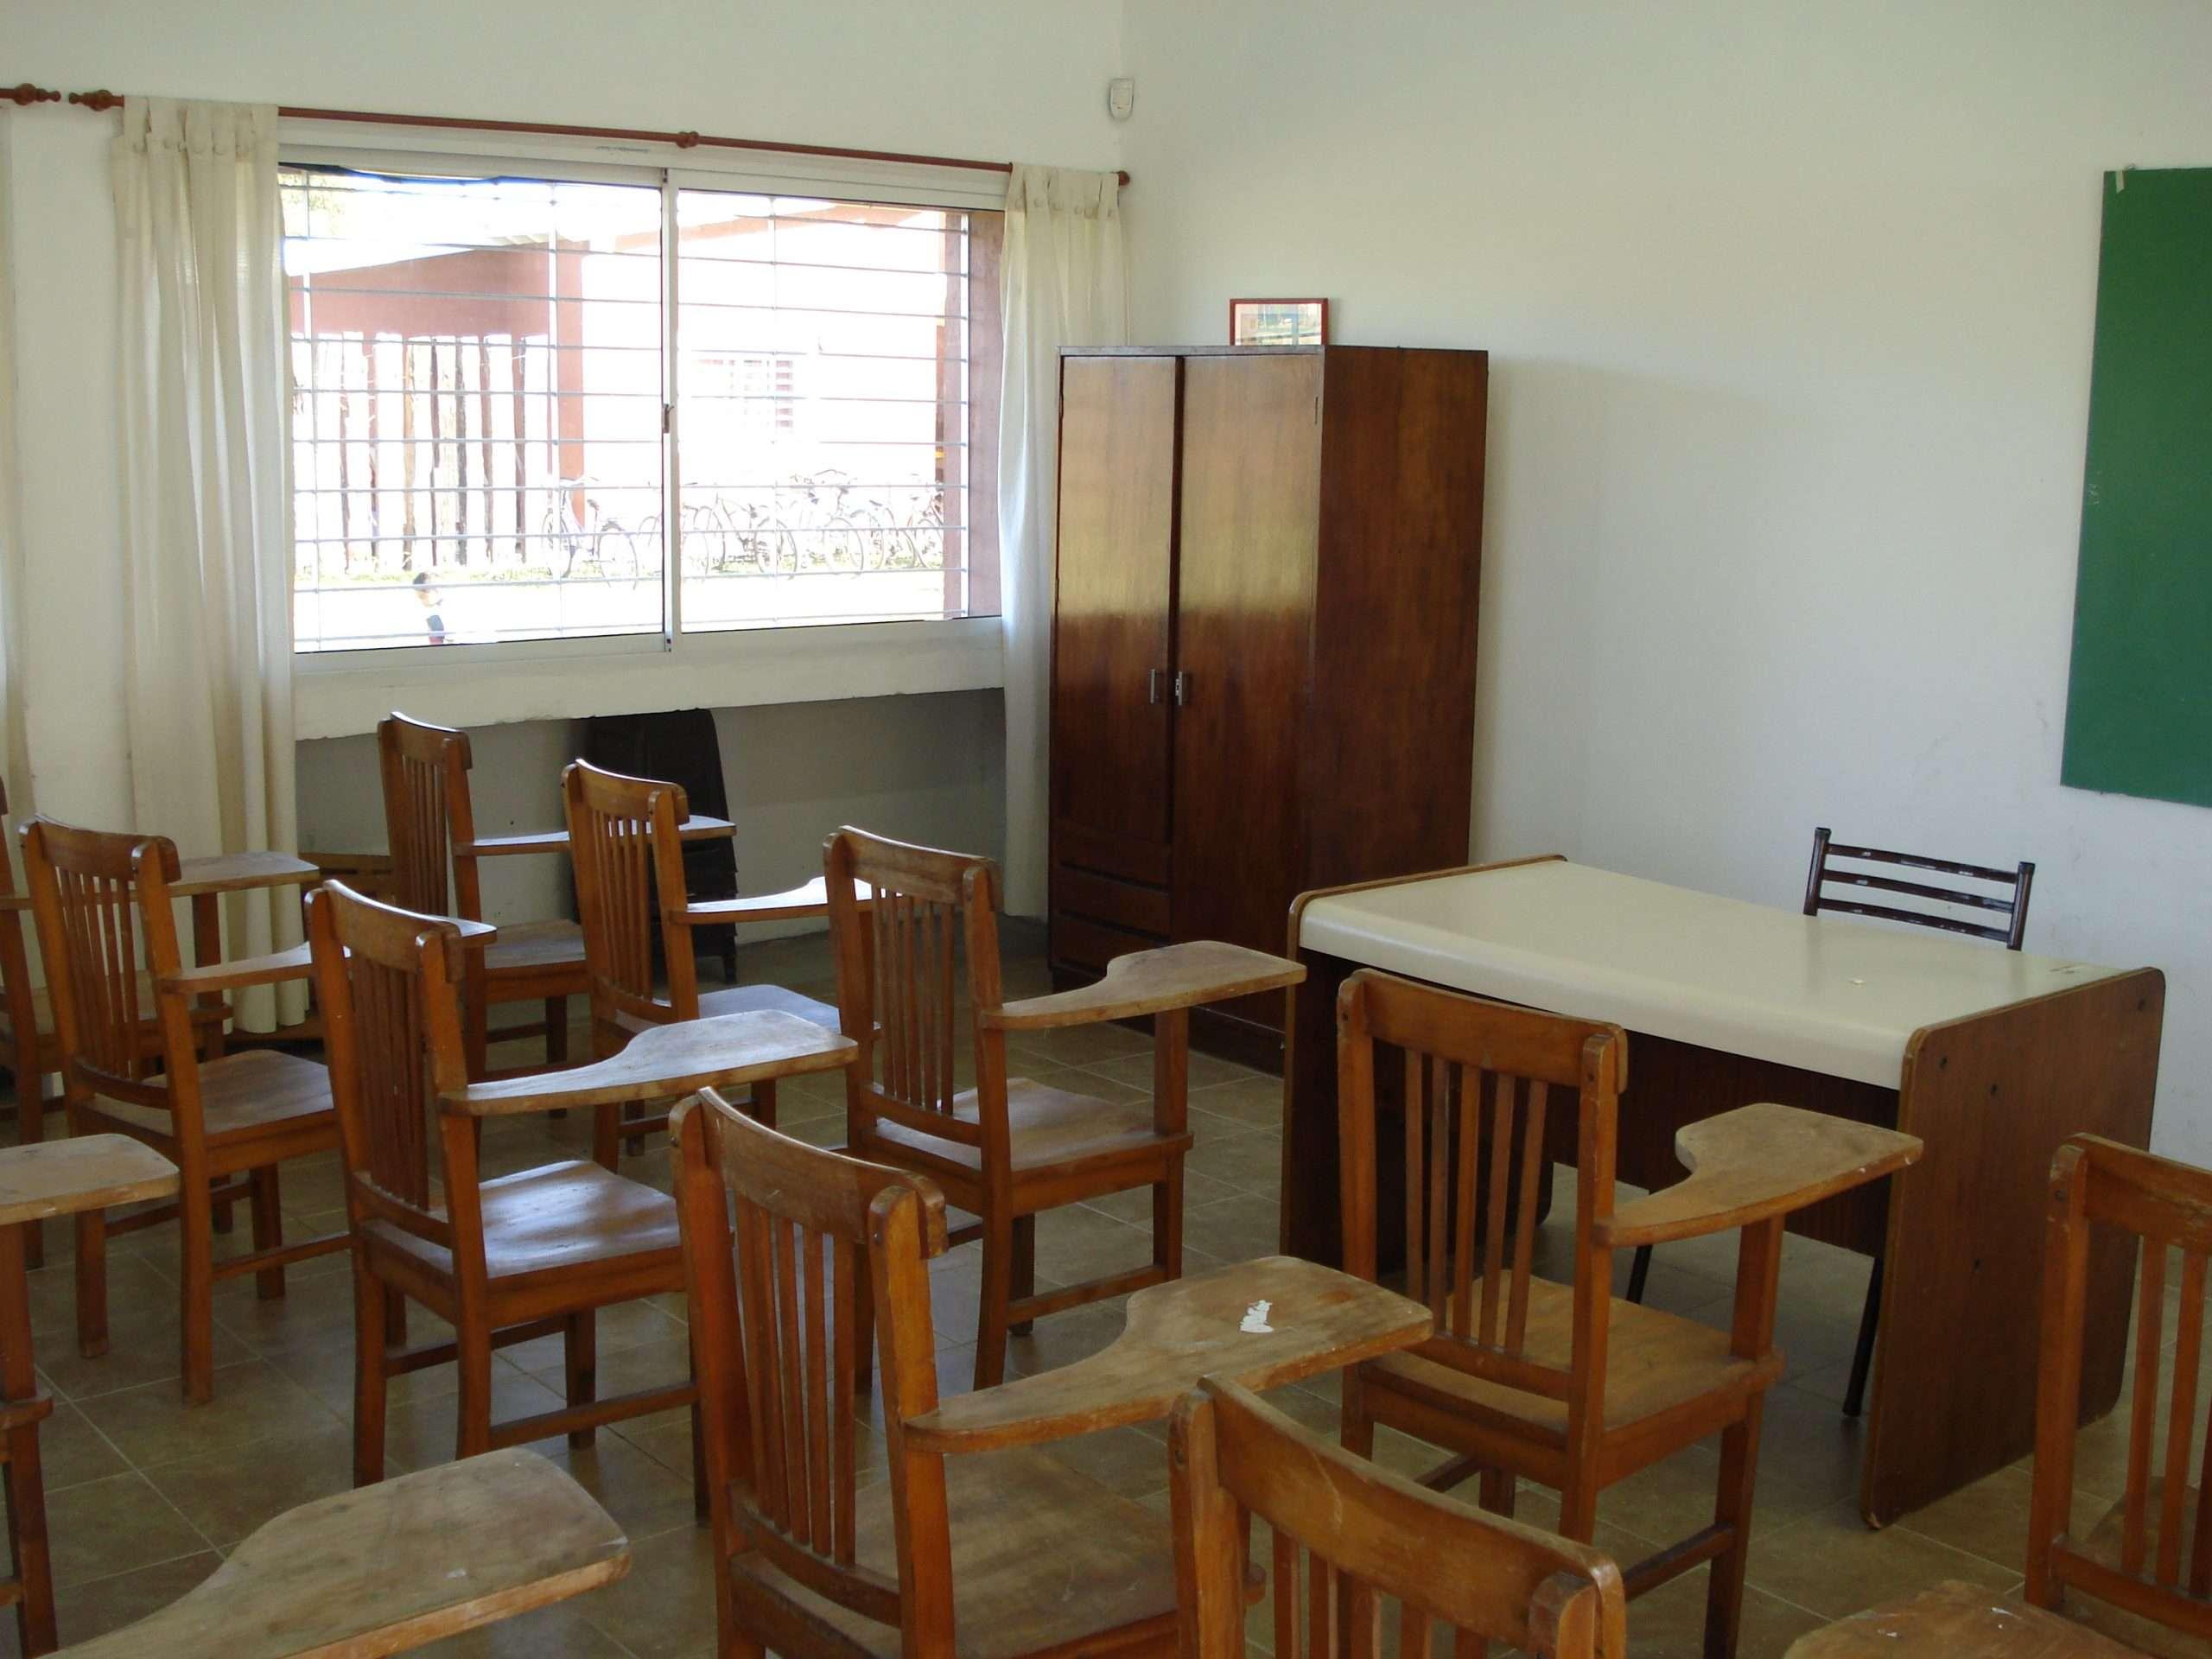 4 - Instalaciones del Centro educacional Cuatro Vientos